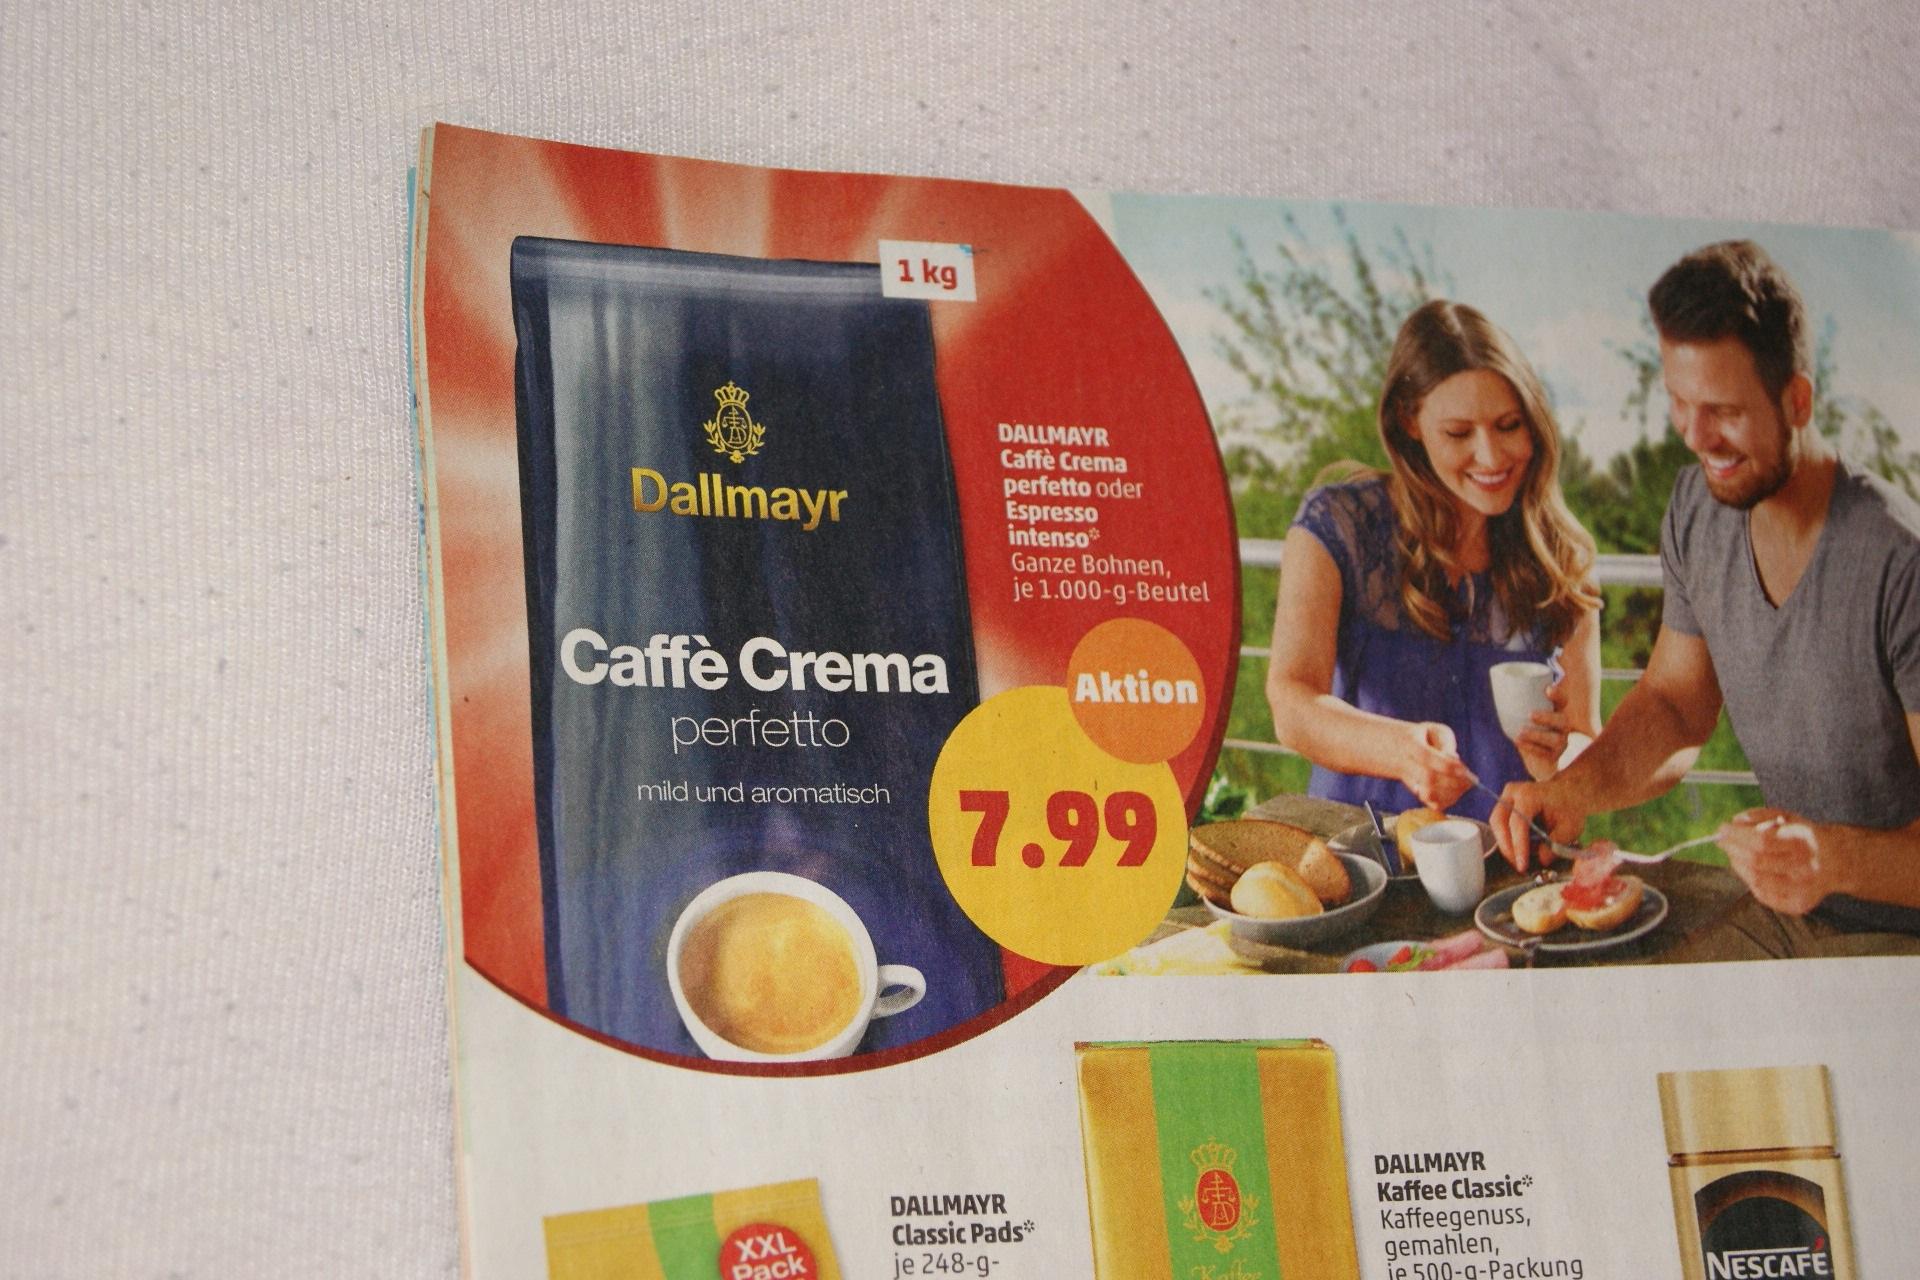 1 kg Dallmayr ganze Kaffeebohnen nur 7,99 Euro ab 17.6. bei Penny bundesweit